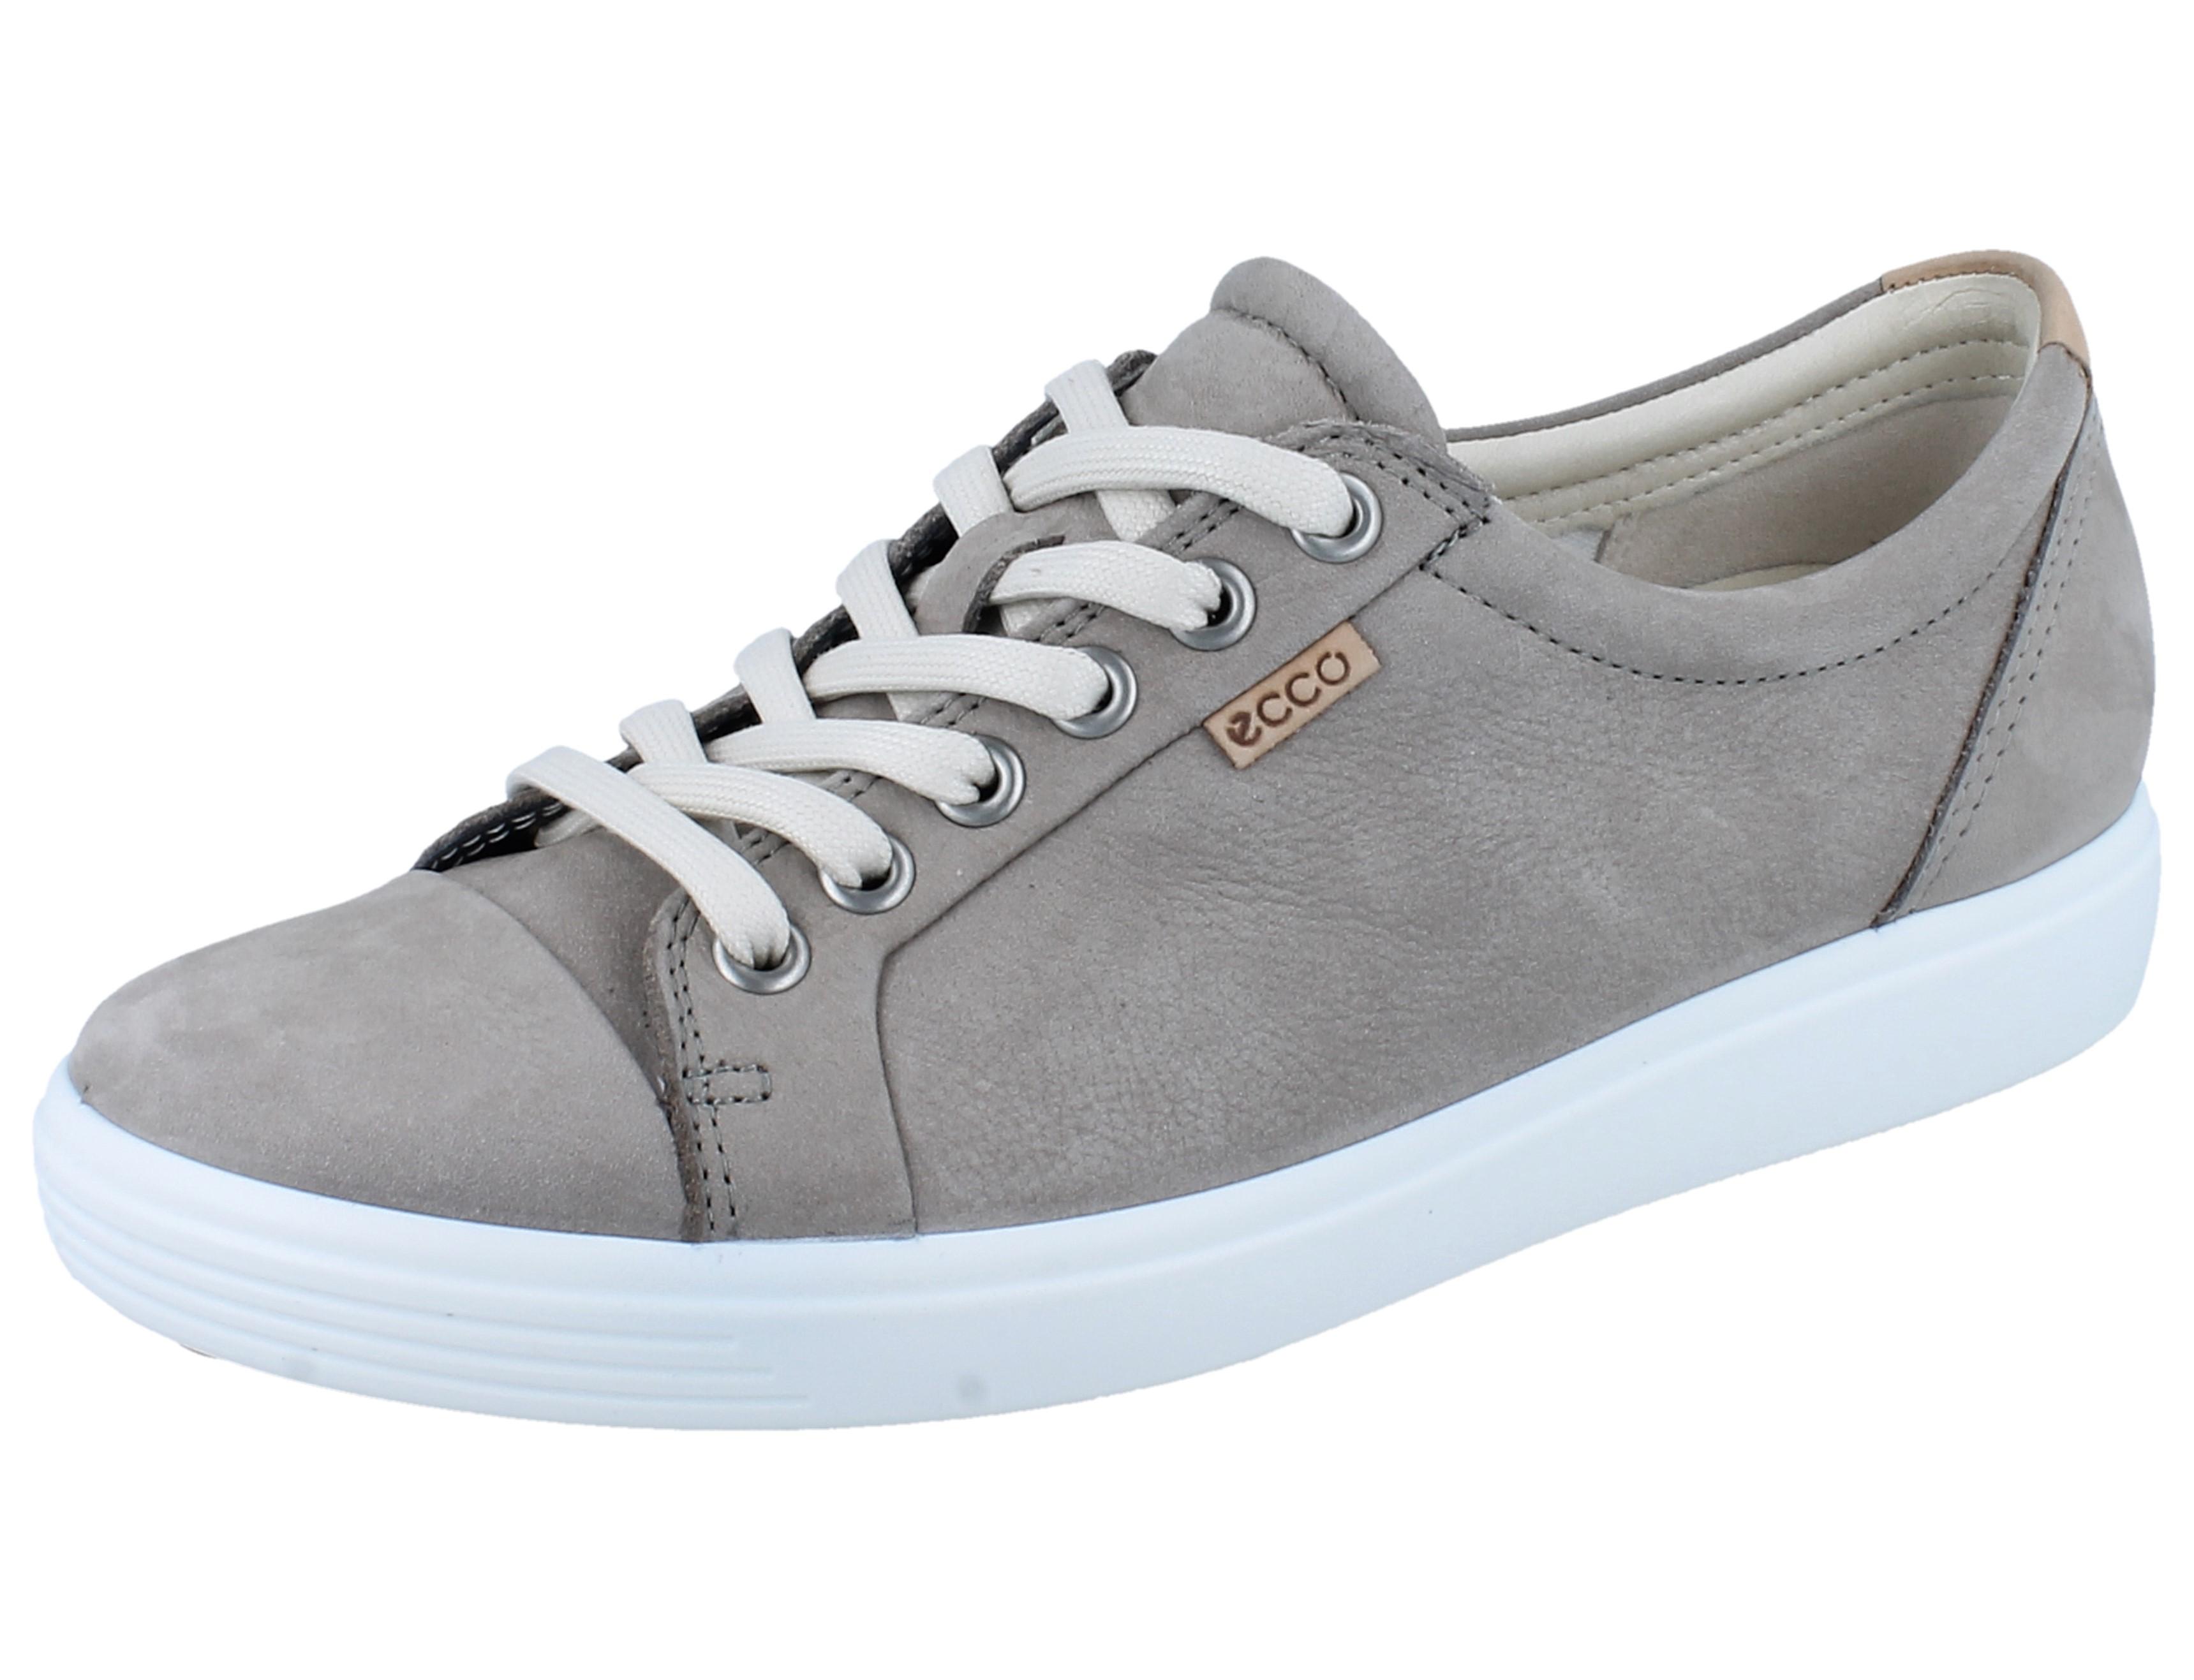 Schuhe Für Bestellenschuherlebnis Ecco Damen Cxbeorwd b7IgyvYm6f